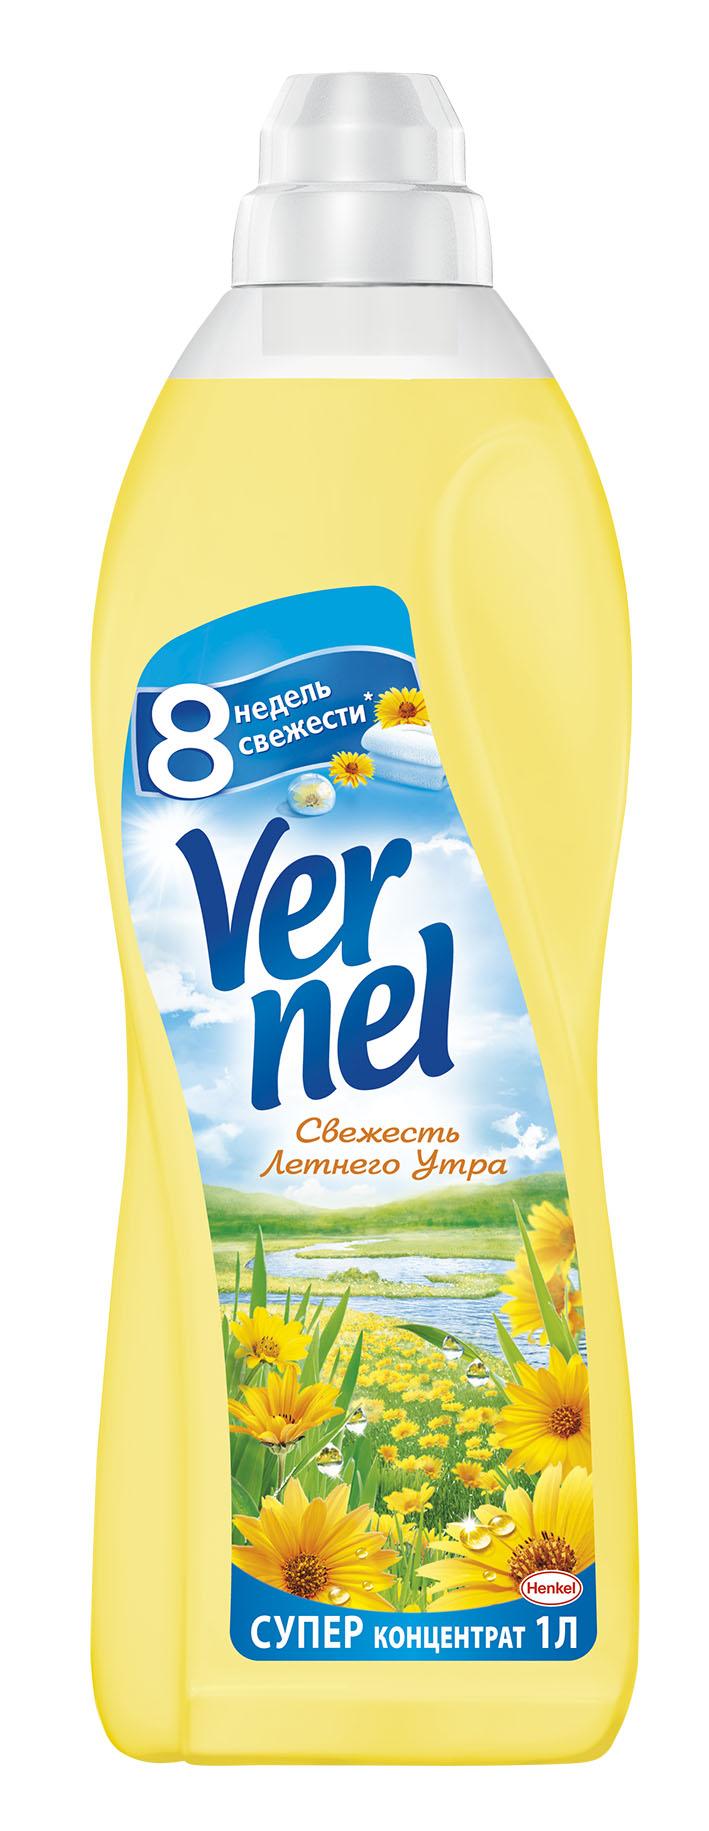 Кондиционер для белья Vernel Свежесть Летнего Утра 1лGC204/30С новой Классической линейкой Vernel свежесть белья длится до 8 недель. Новая формула Vernel обогащена аромакапсулами, которые обеспечивают длительную свежесть. Более того, кондиционеры для белья Vernel придают белью невероятную мягкость, такую же приятную, как и ее запах.Свойства кондиционера для белья Vernel:1. Придает мягкость2. Придает приятный аромат3. Обладает антистатическим эффектом4. Облегчает глажениеДо 8 недель свежести при условии хранения белья без использования благодаря аромакапсуламСостав: Состав: 5-15% катионные ПАВ; Товар сертифицирован.